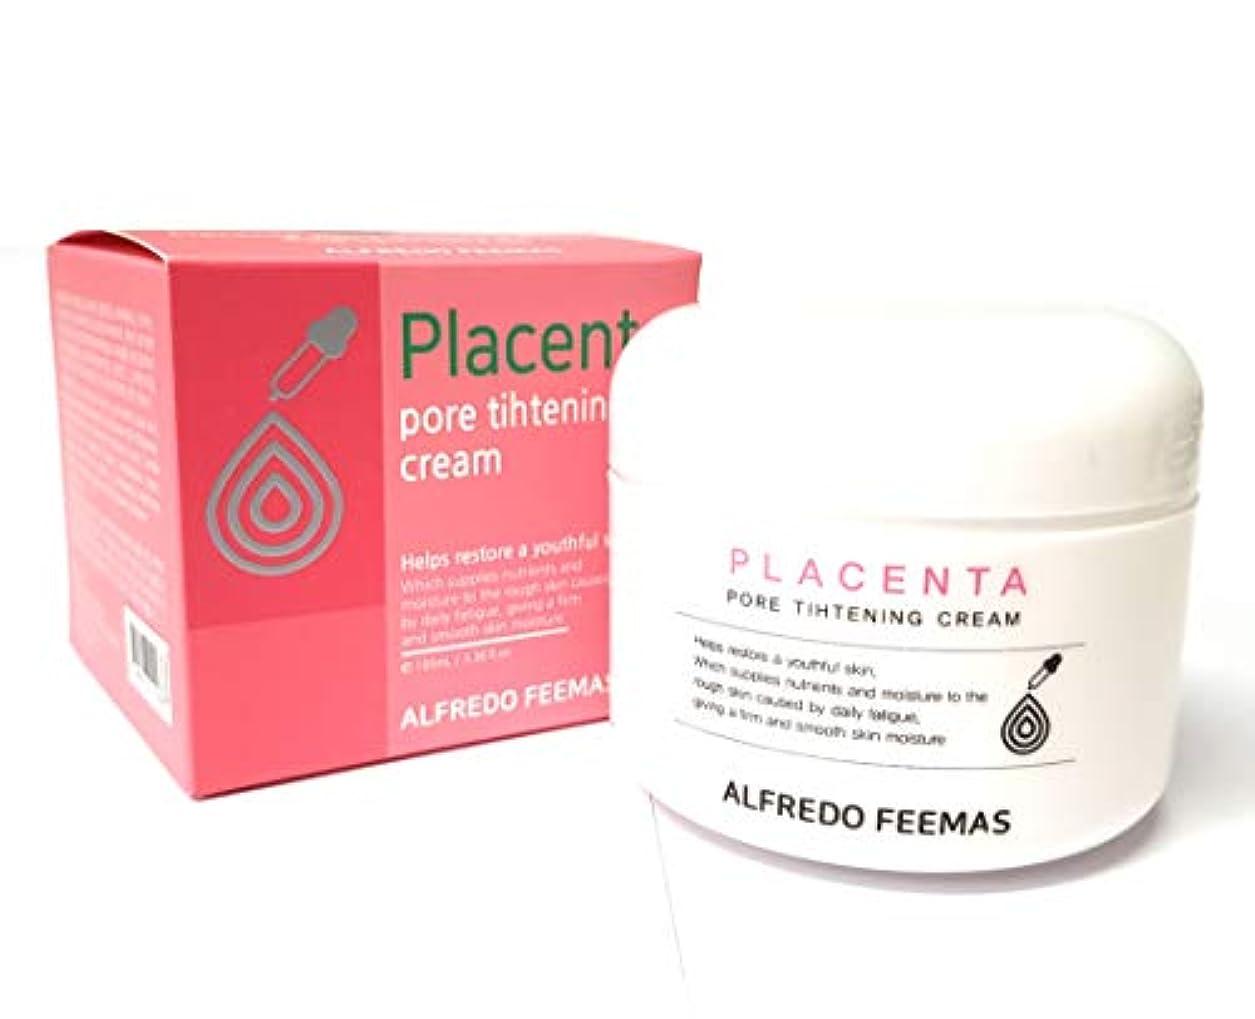 空中謎言い換えると[ALFREDO FEEMAS] ポア引き締めクリーム100ml / Pore tightening cream100ml / ポアケア、うるおい/Pore Care,moisture/韓国化粧品/Korean Cosmetics...